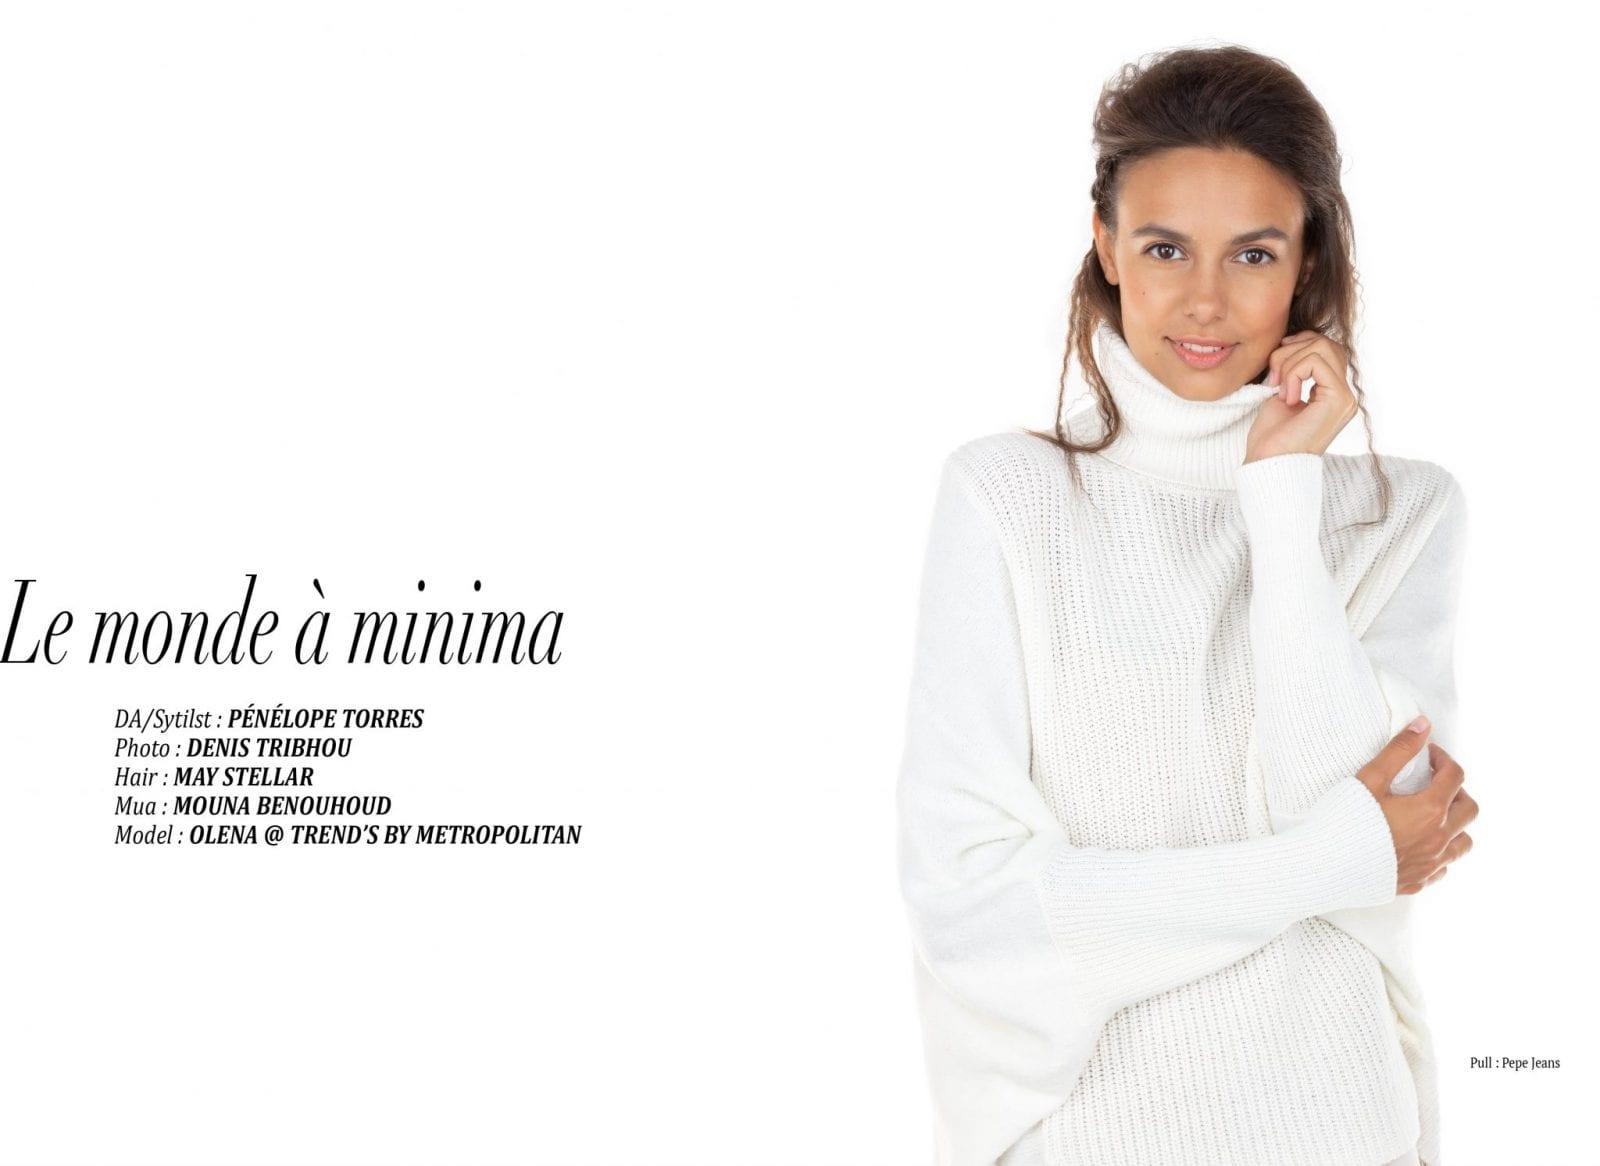 """Éditorial """"Le monde à minima"""" par Peneloppe Torres"""